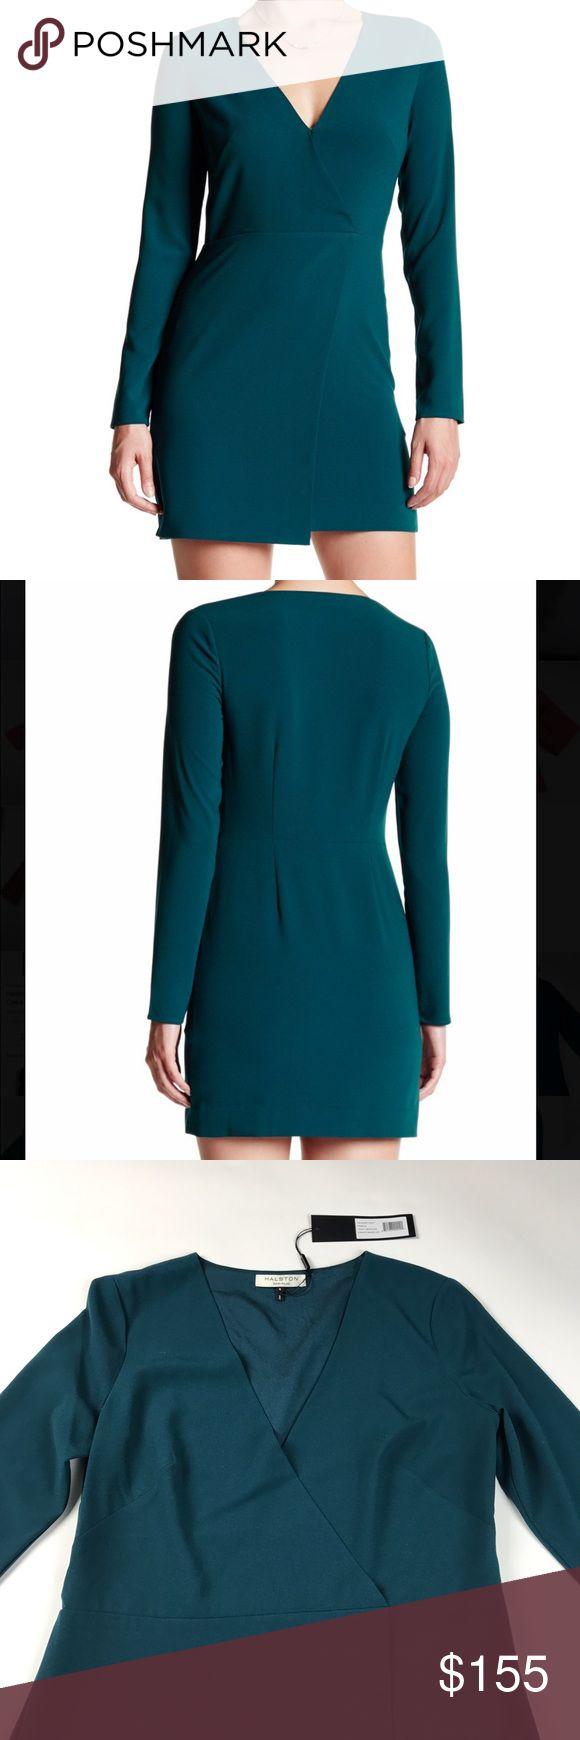 Halston Heritage Long Sleeve V-Neck Crepe Dress Color: Spruce (Teal). 90% polyester 10% elastane. Side zipper Halston Heritage Dresses Long Sleeve